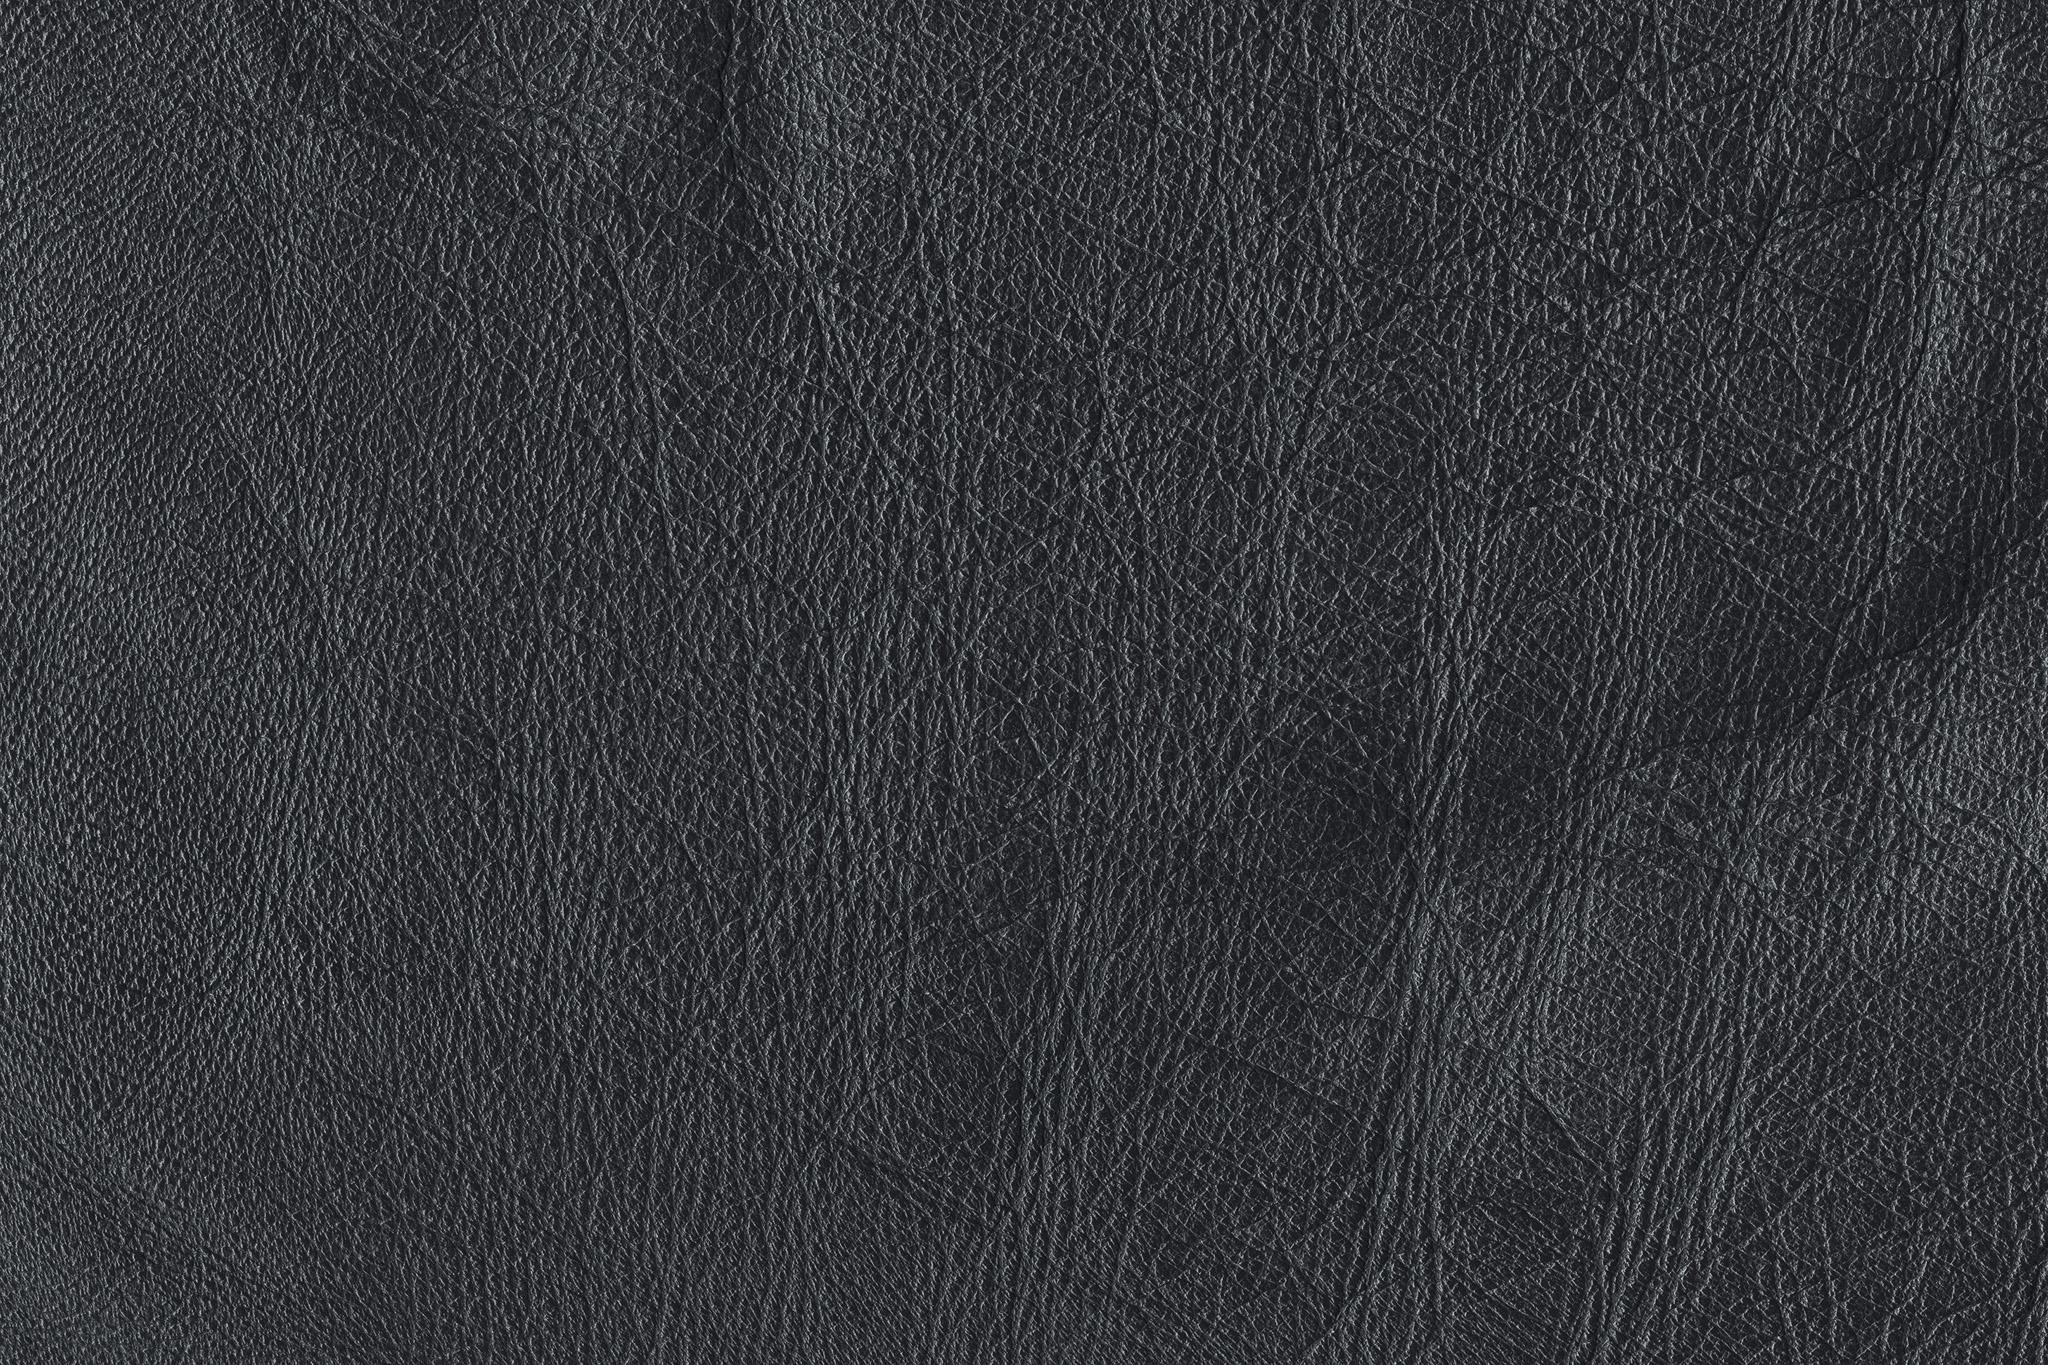 「細い繊維の様なテクスチャの皮革」